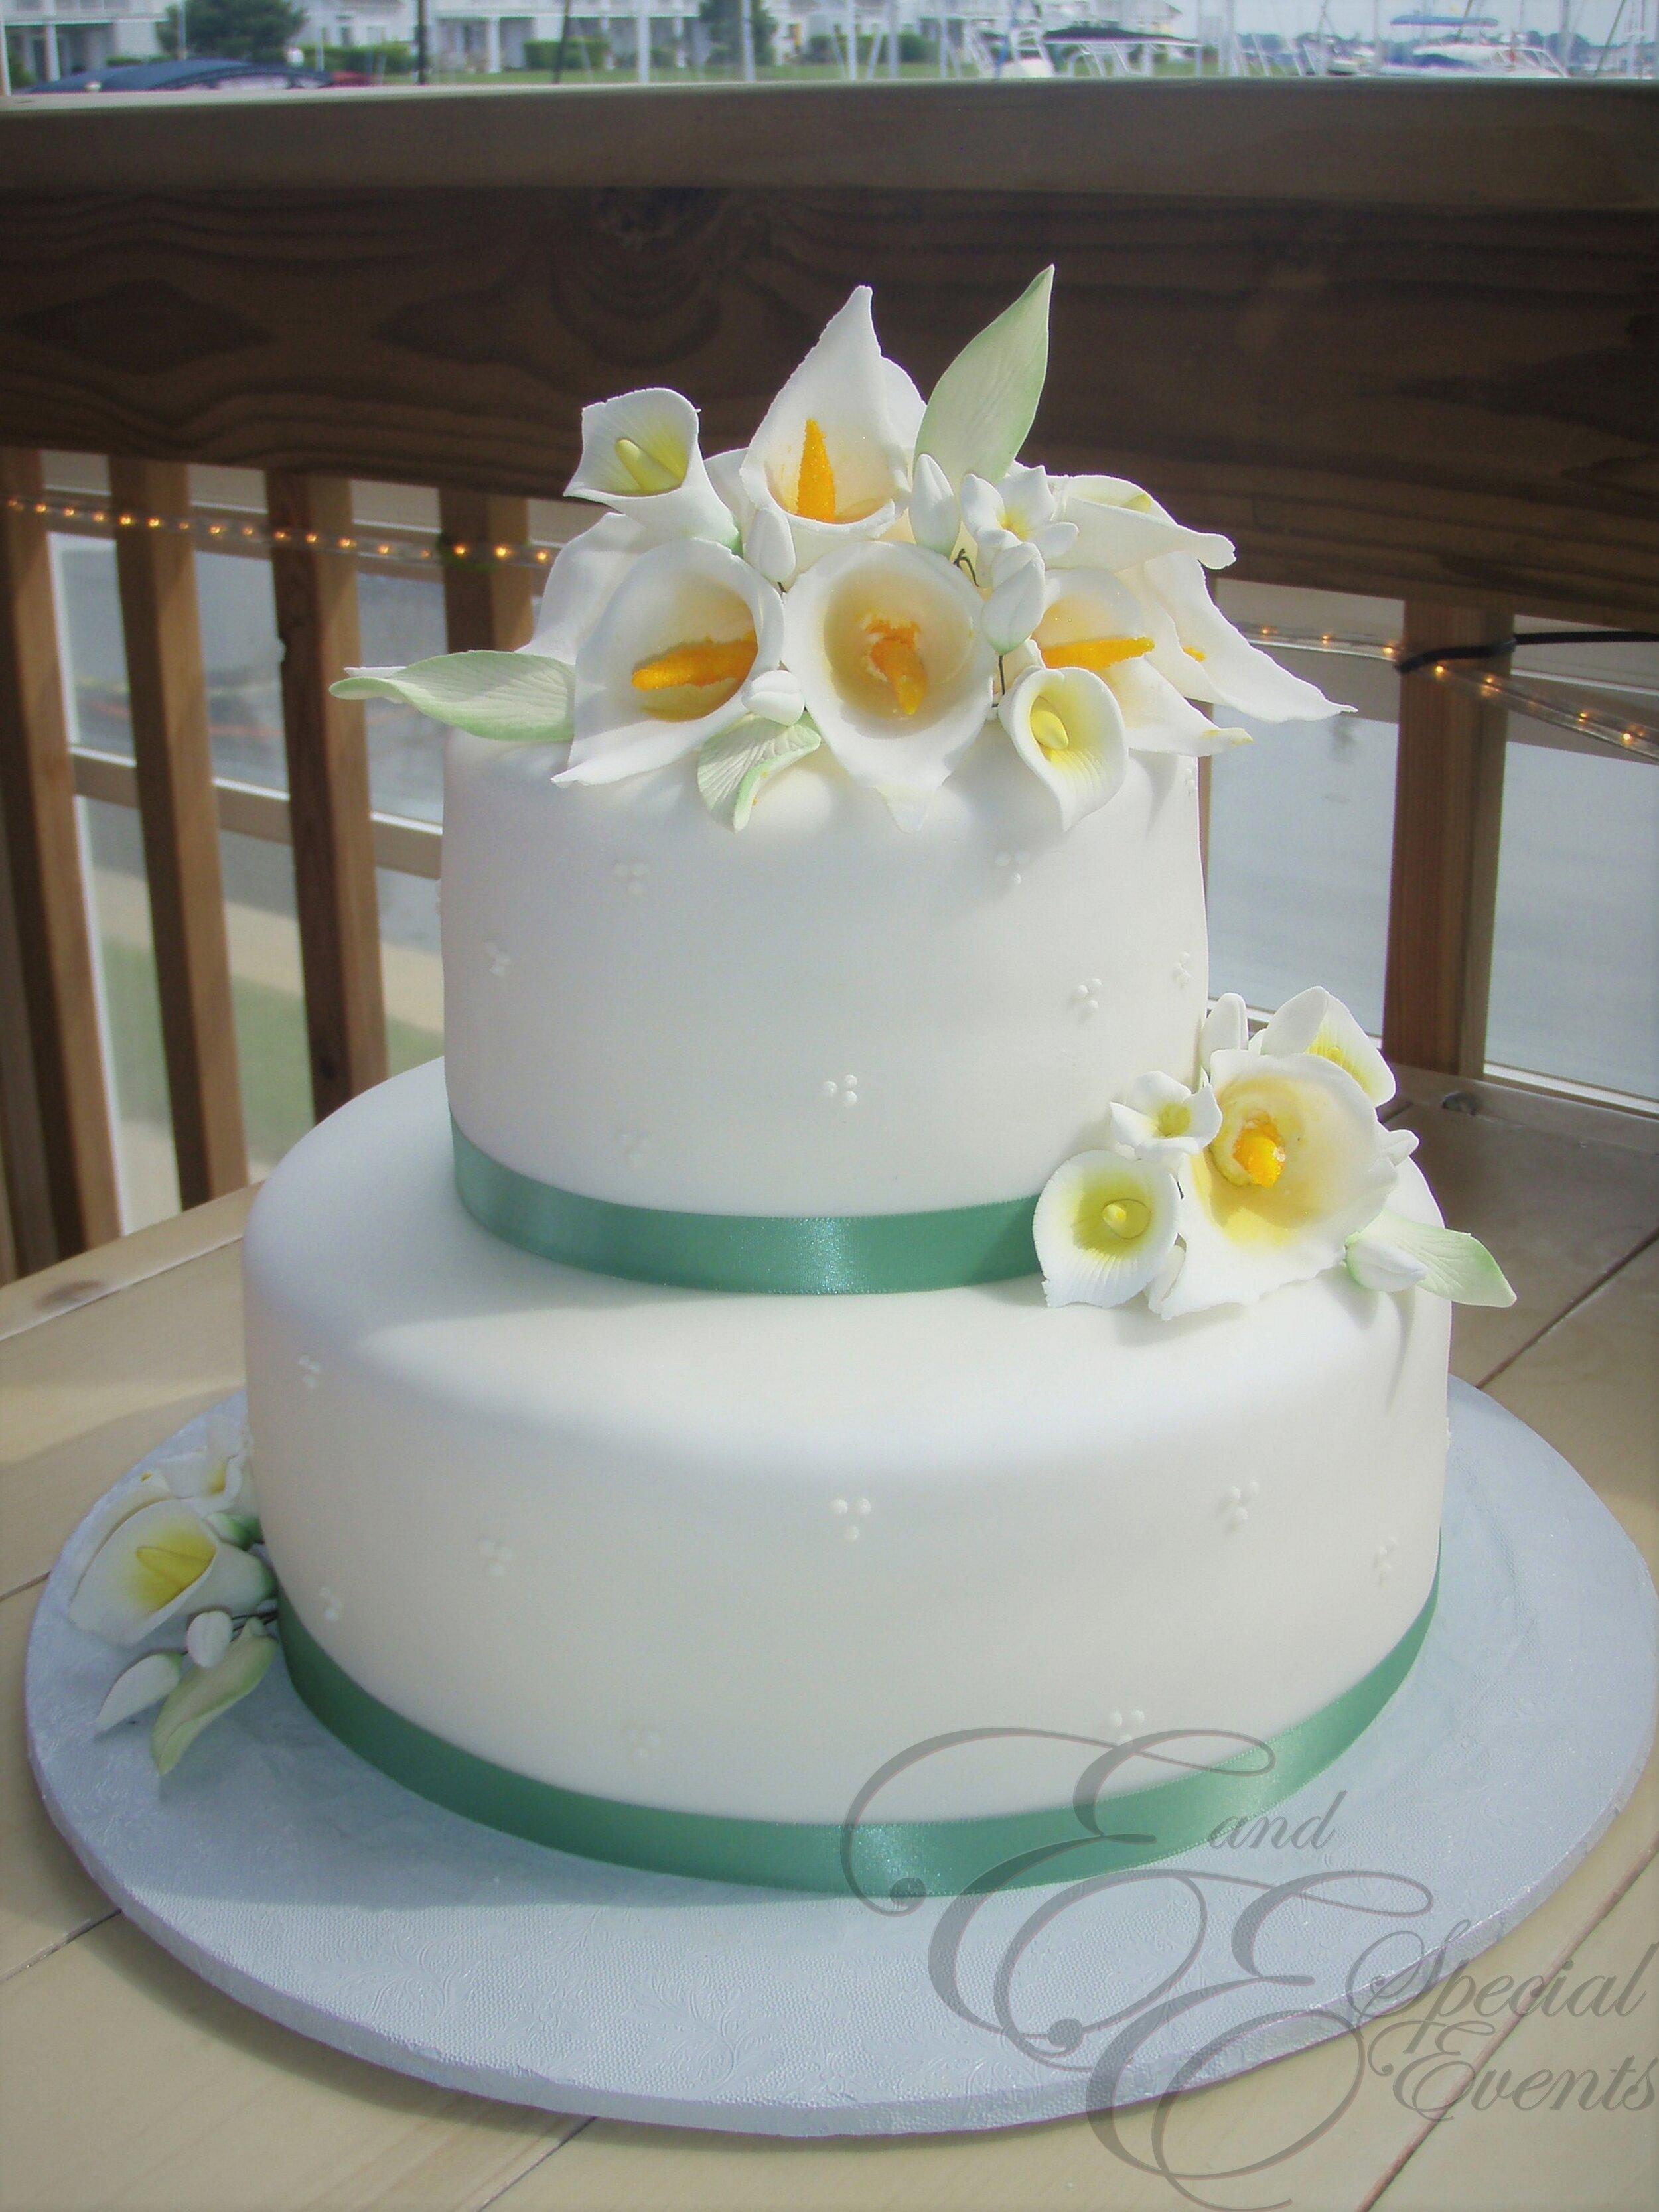 E_E_Special_Events_Wedding_Cakes_Virginia_Beach_Hampton_Roads_Simple_Designs4.jpg